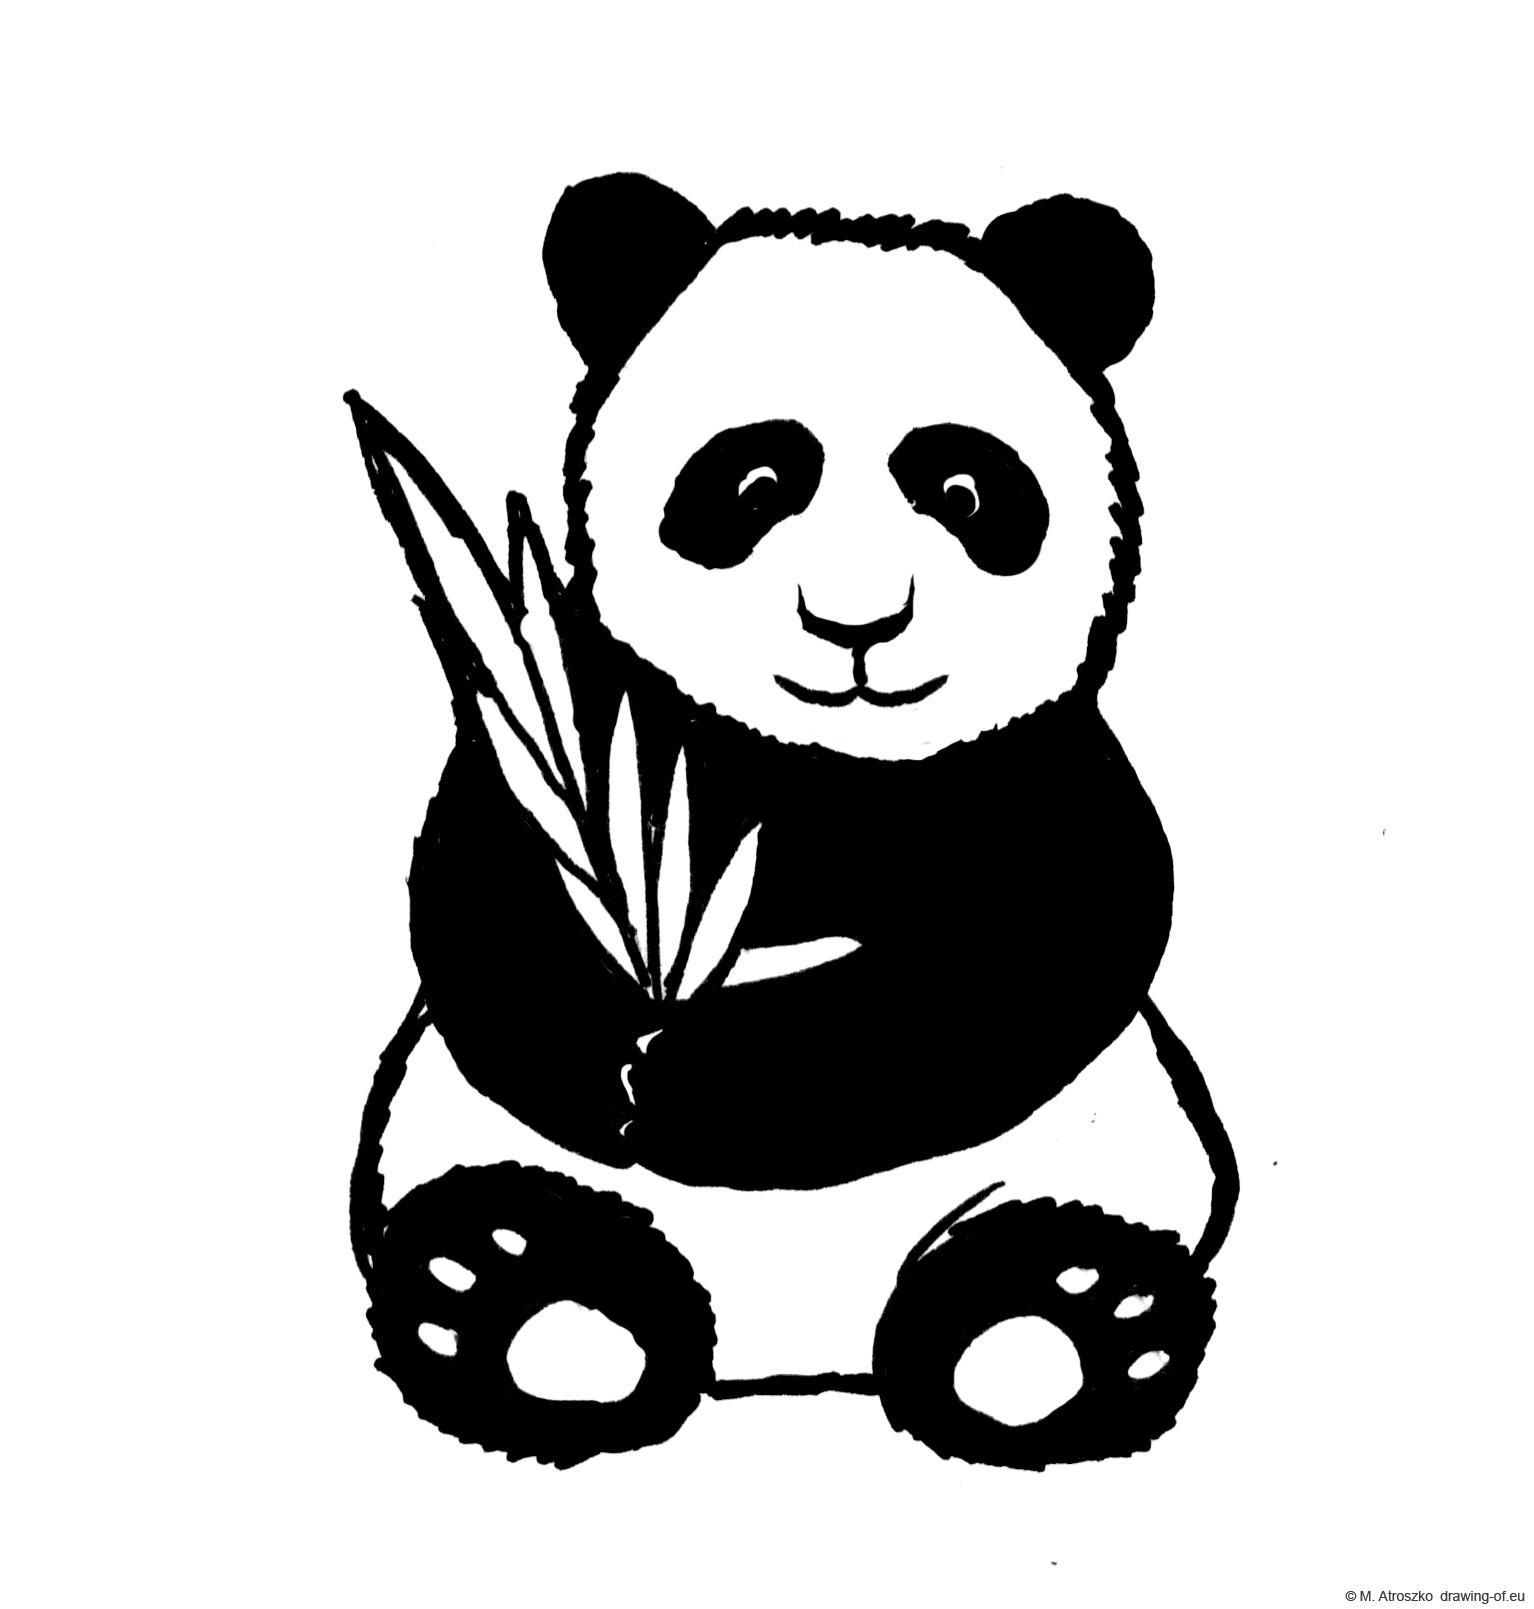 giant panda bear - drawing